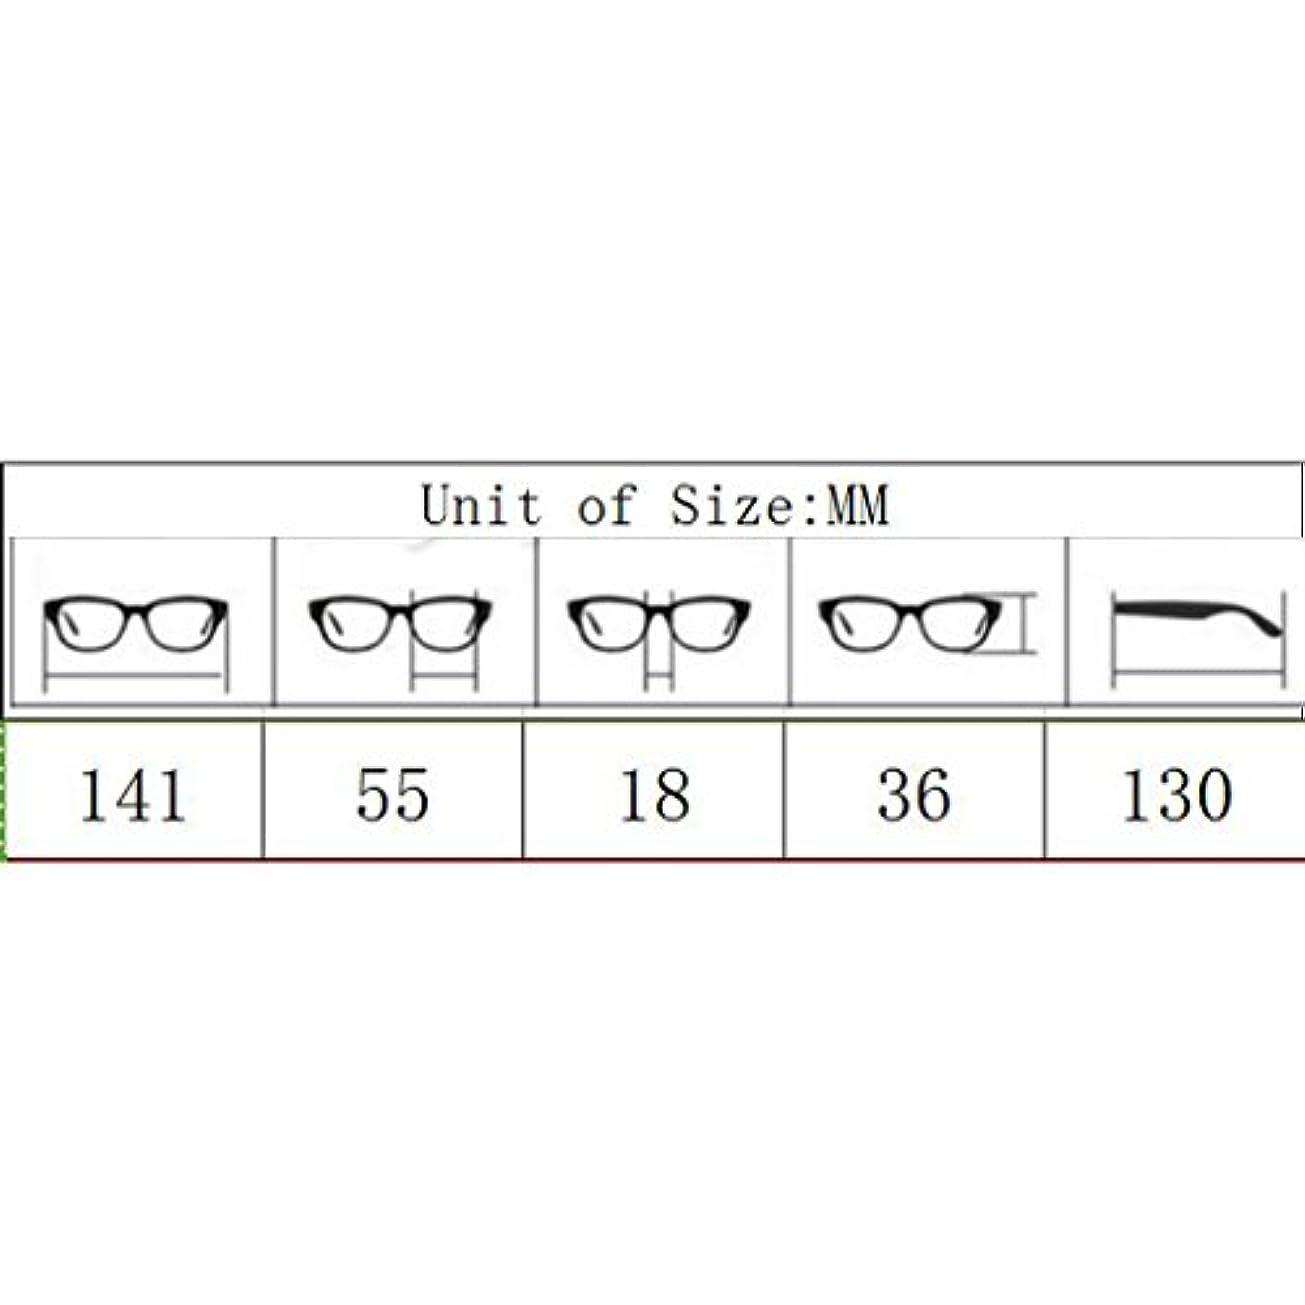 ダーリン立法スピンジャッキー近視メガネ-250度ユニセックスブラックフレーム近視メガネ-1-1.5 -2-2.5 -3-3.5 -4-4.5 -5.5-6